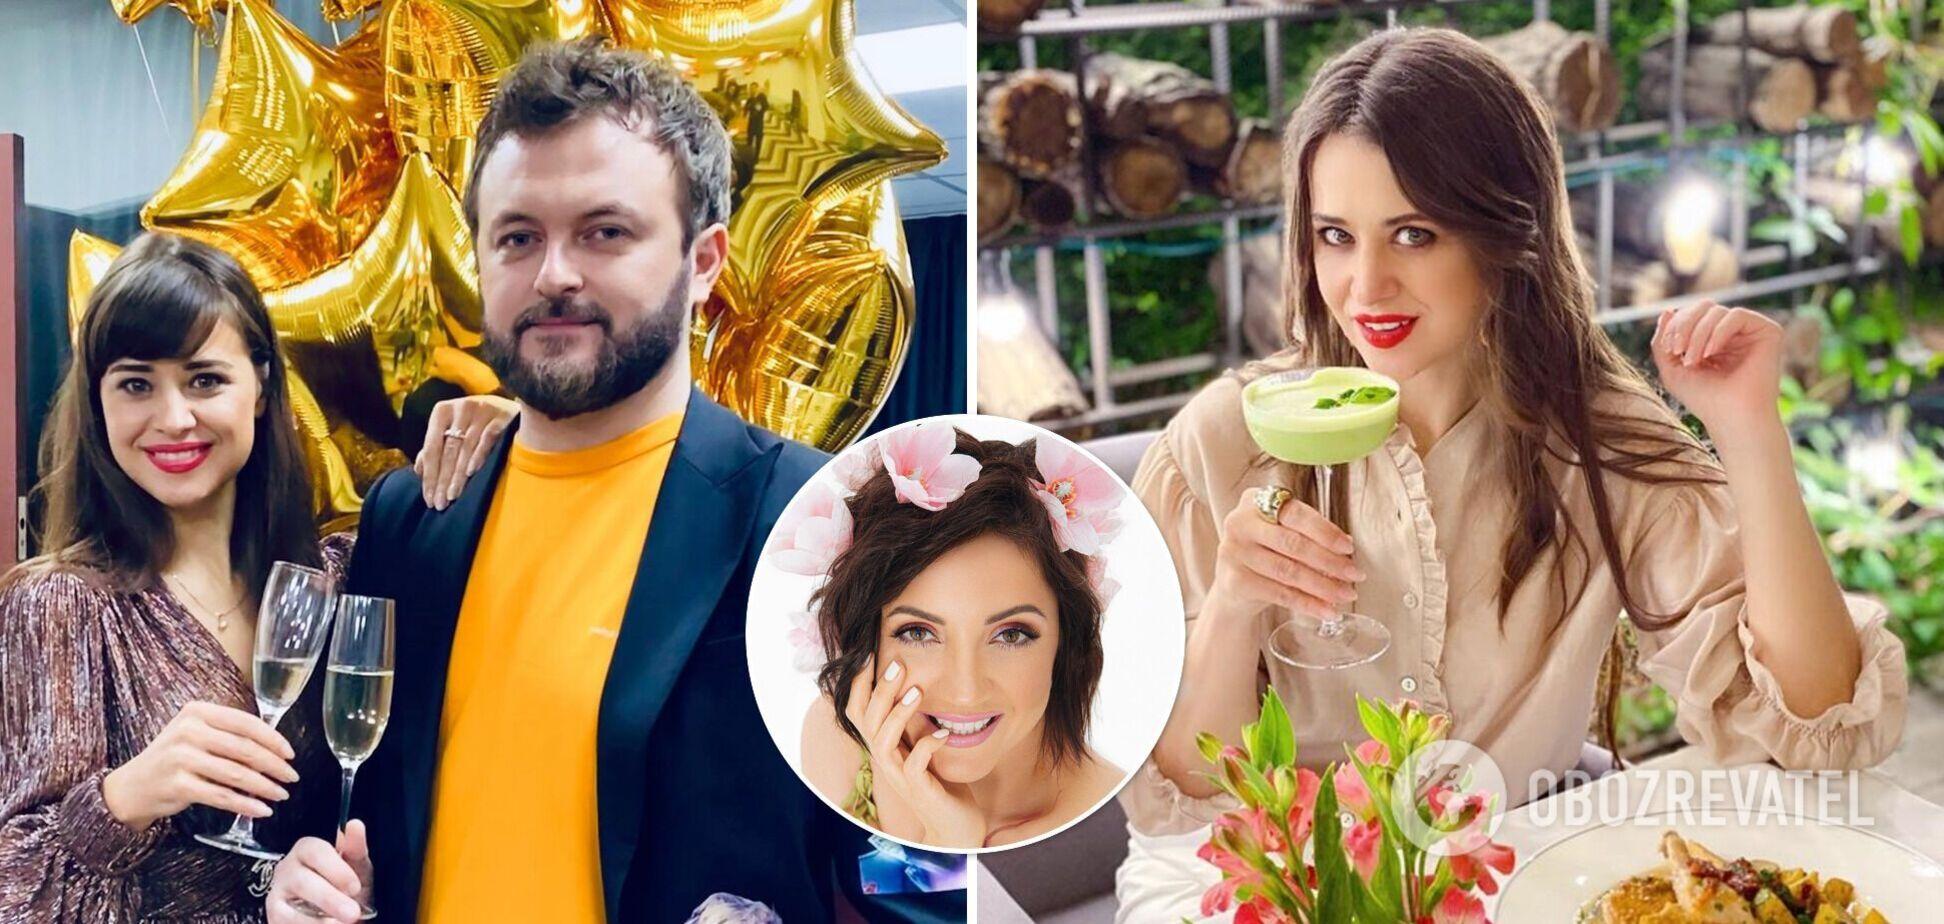 Скандал навколо розлучення Ярослави і Михайла Хоми